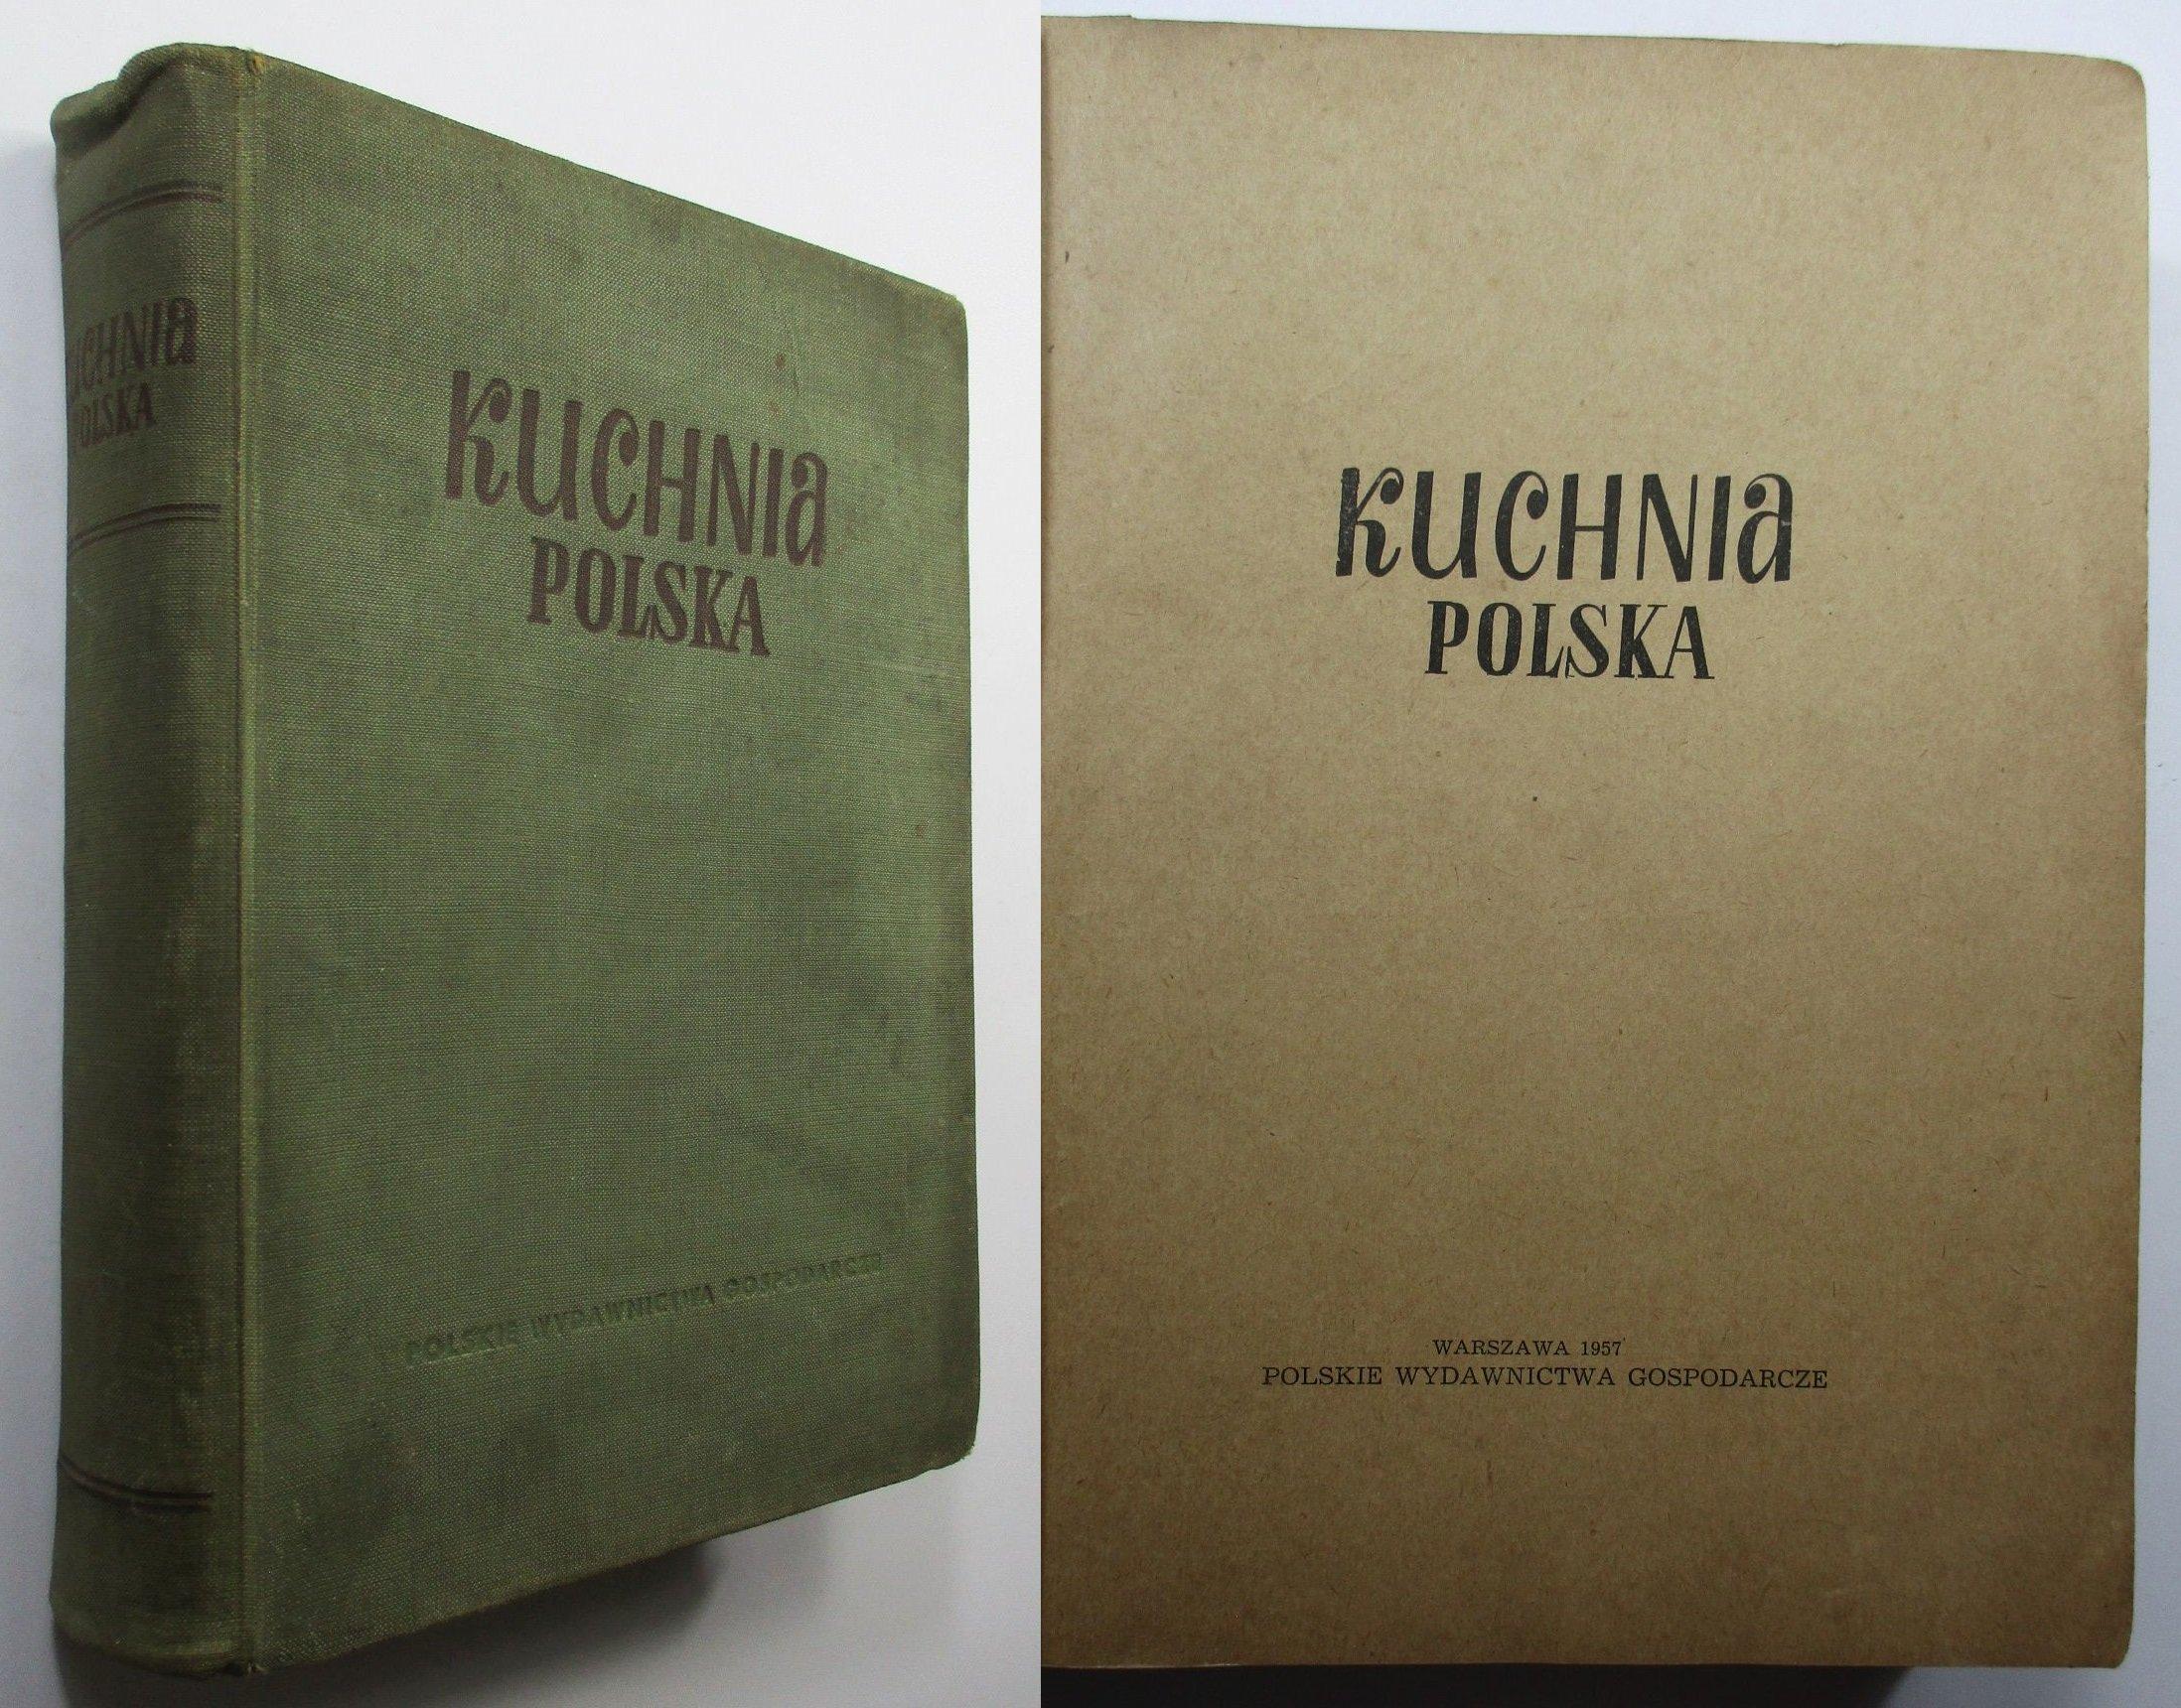 Kuchnia Polska Berger 1957 Książka Kucharska 7168394523